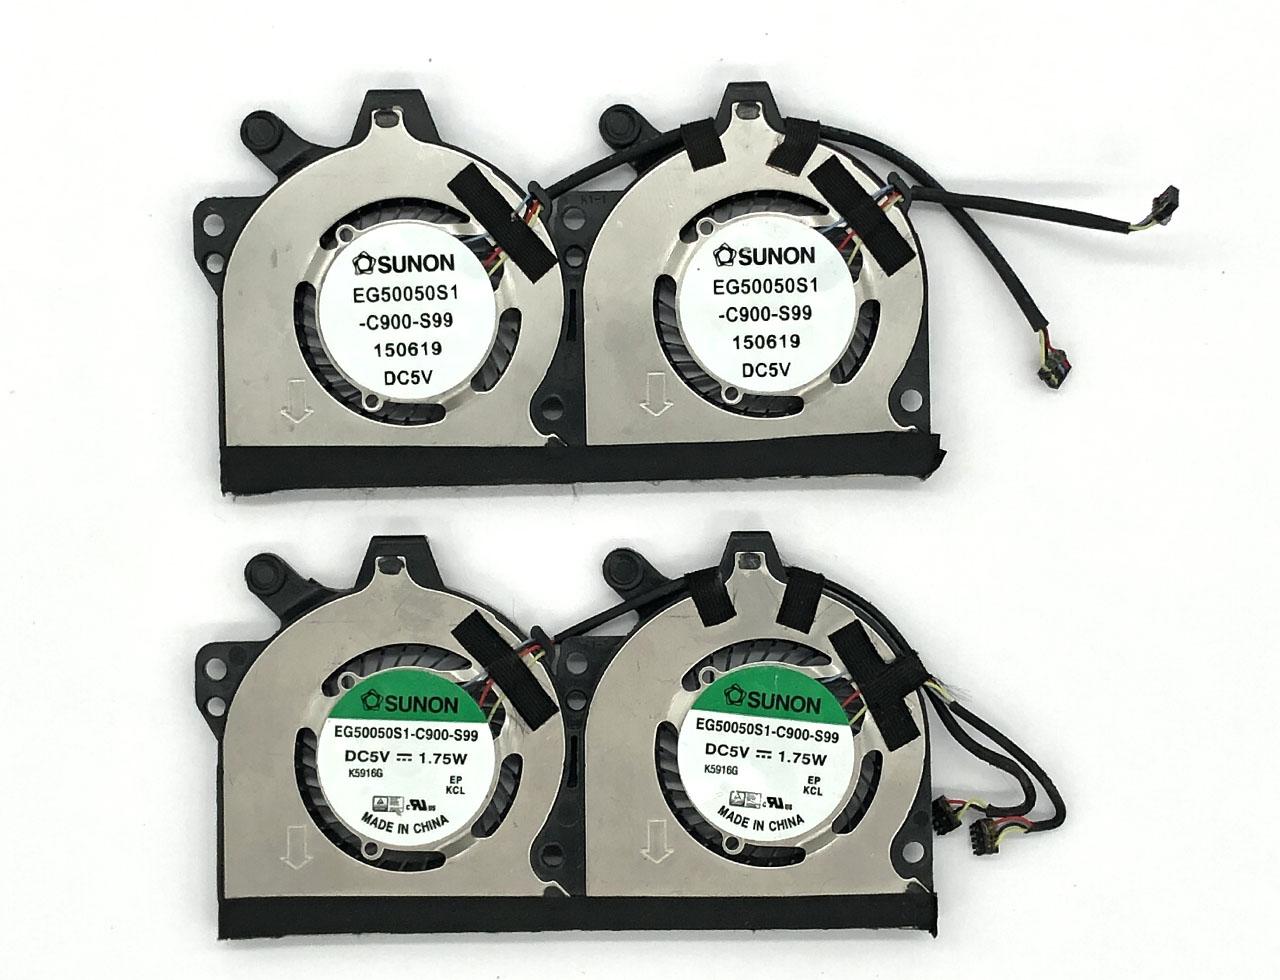 SUNON 建准EG50050S1-C900-S99 DC 5V 1.75W适配宏基ACER ACER ASPIRE R 14 R5-471T-51UN N15P6 (CB29) 散热风扇